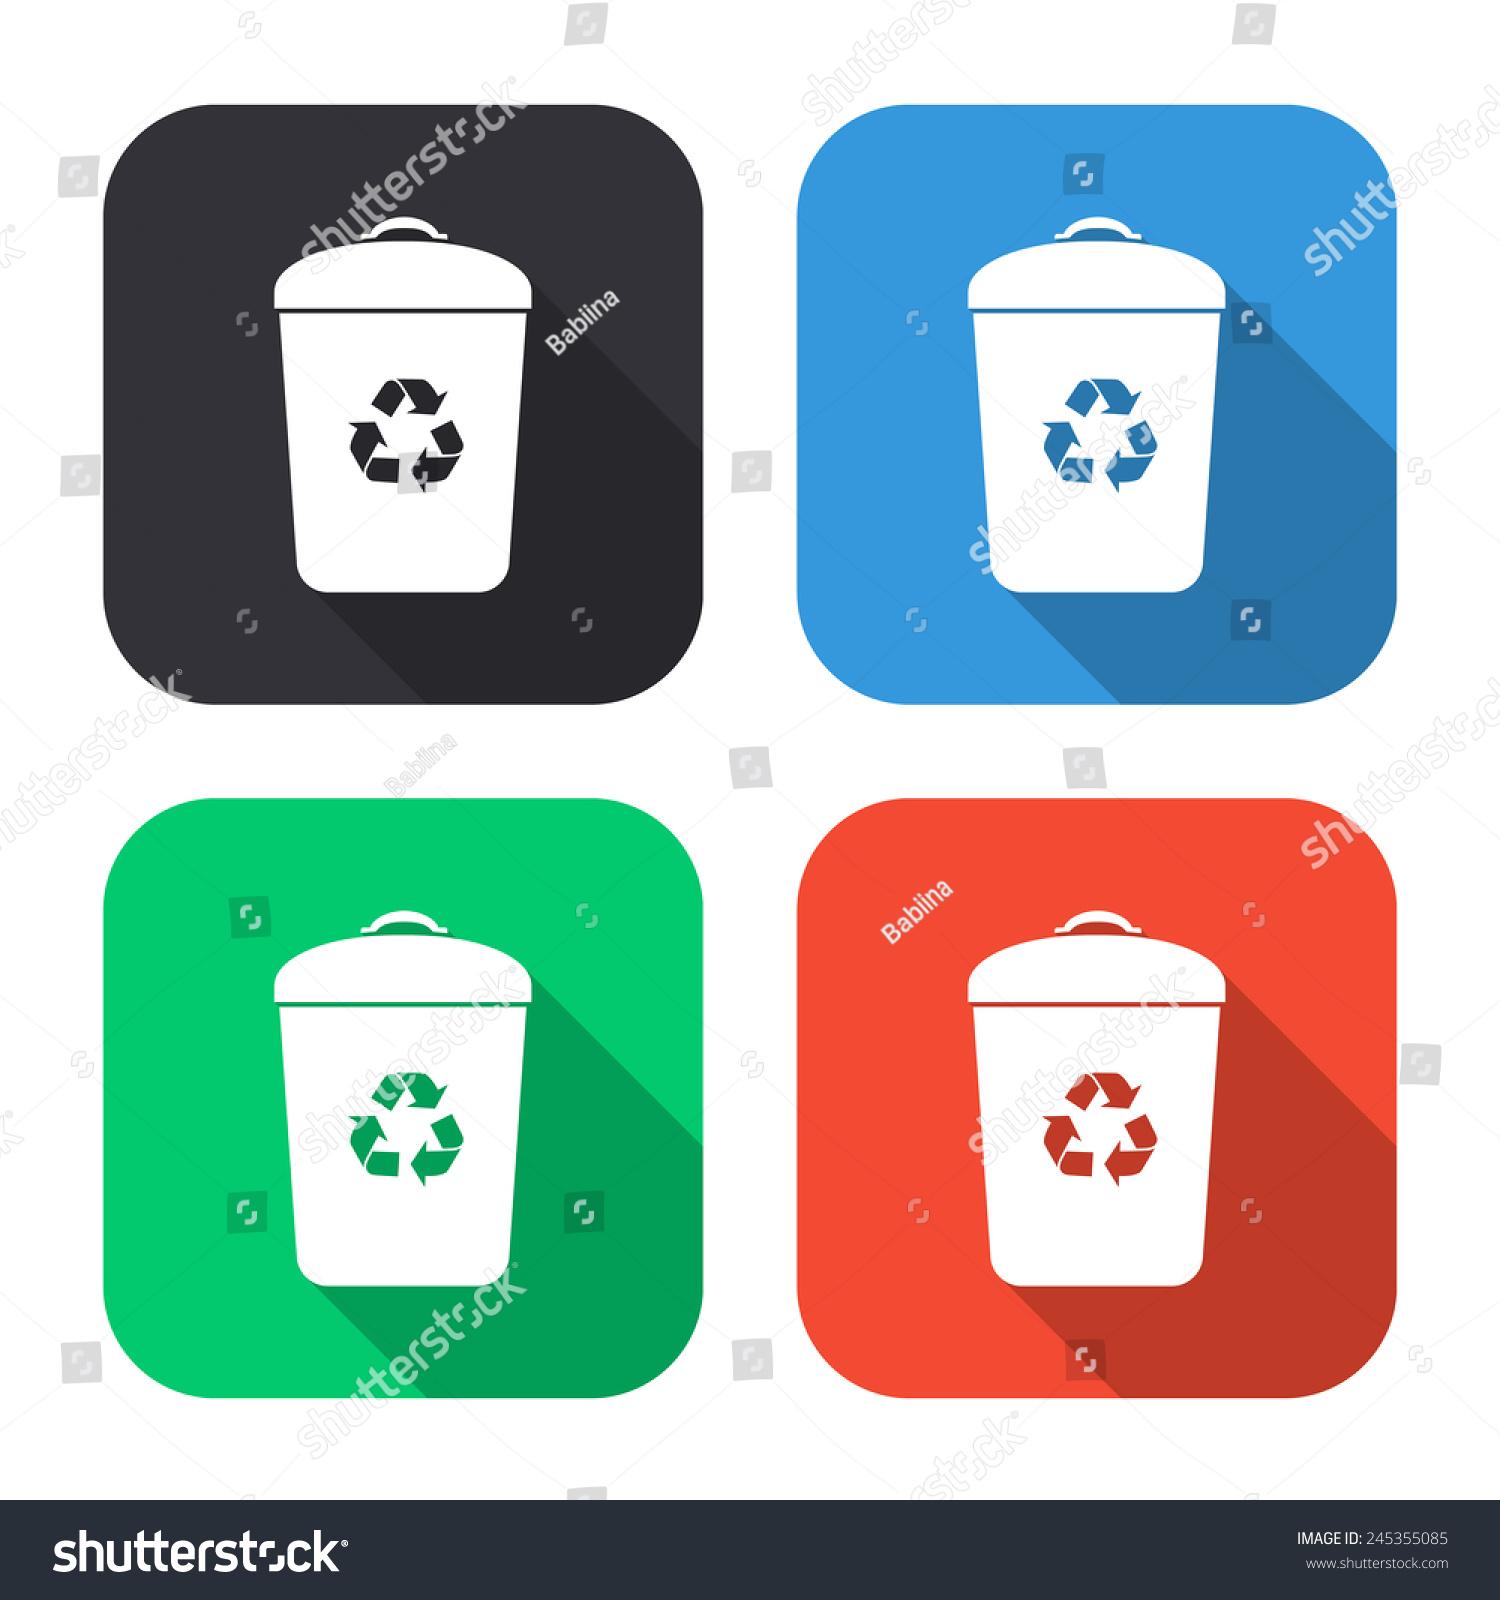 垃圾桶图标——彩色插图(灰色,蓝色,绿色,红色)长长的